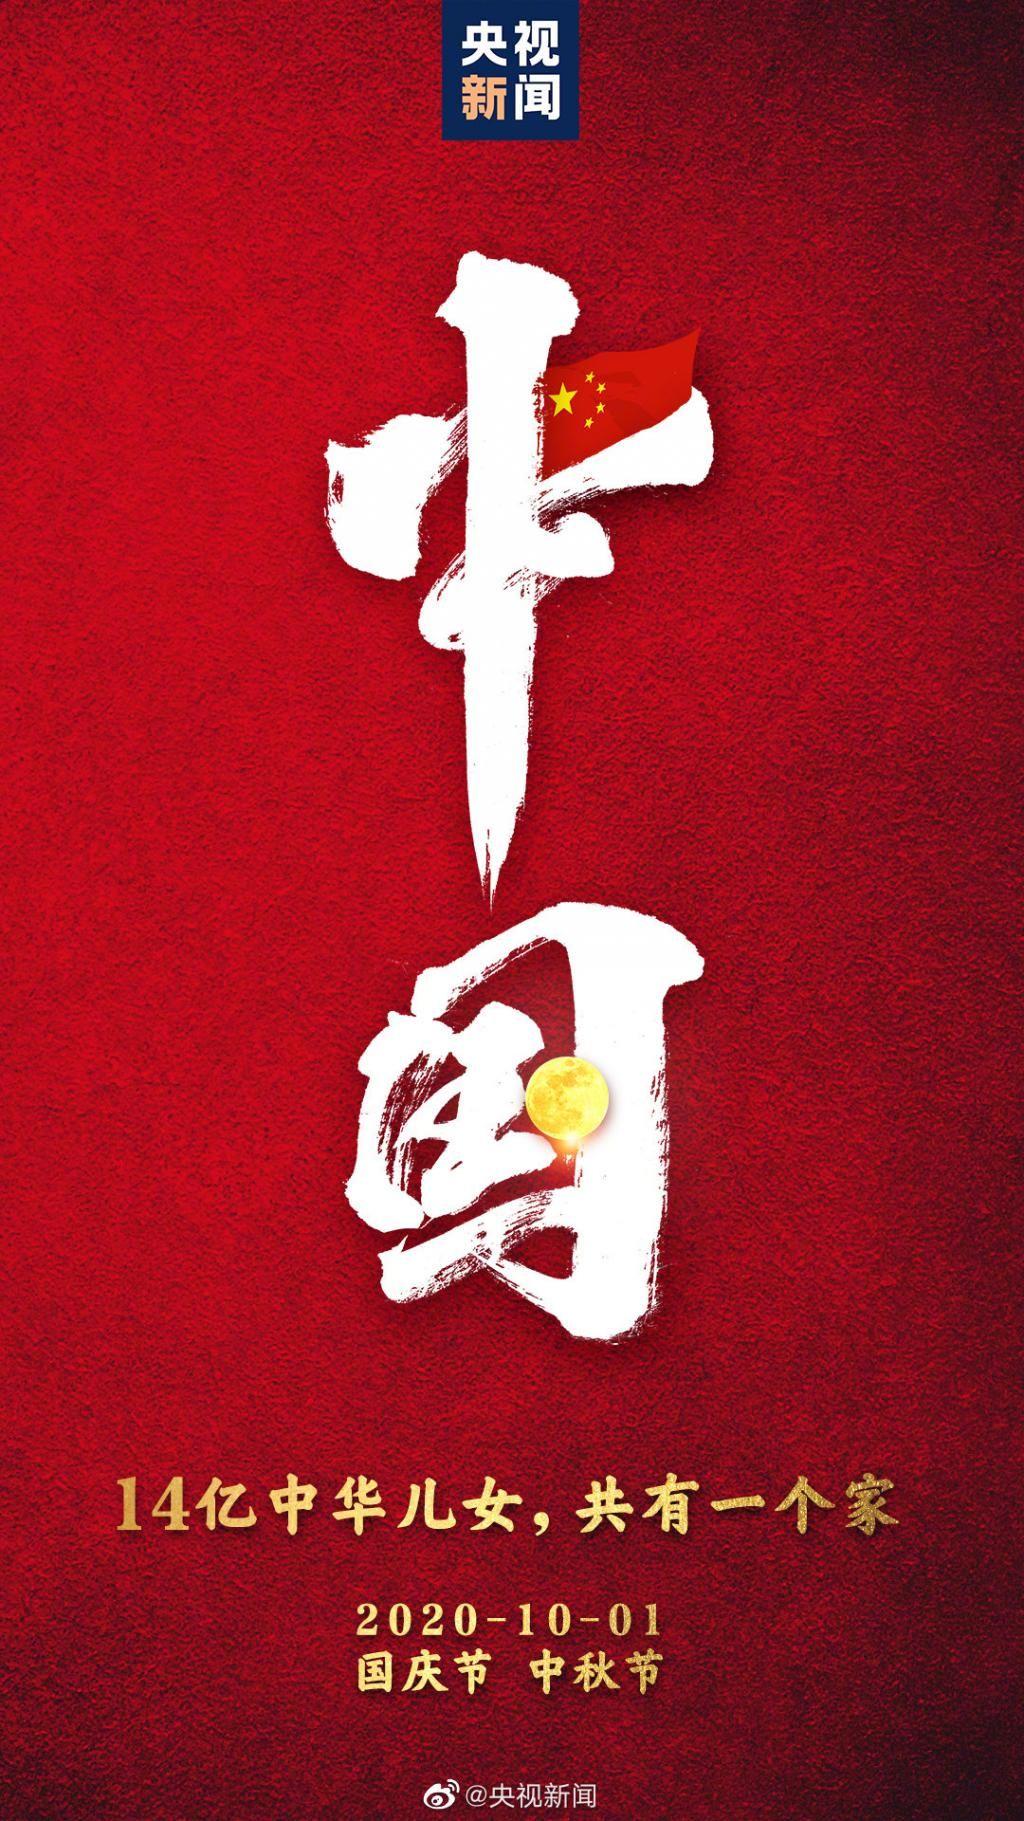 康辉刘涛领衔群星齐聚央视国庆晚会为祖国庆生:这一年我们过的不容易!